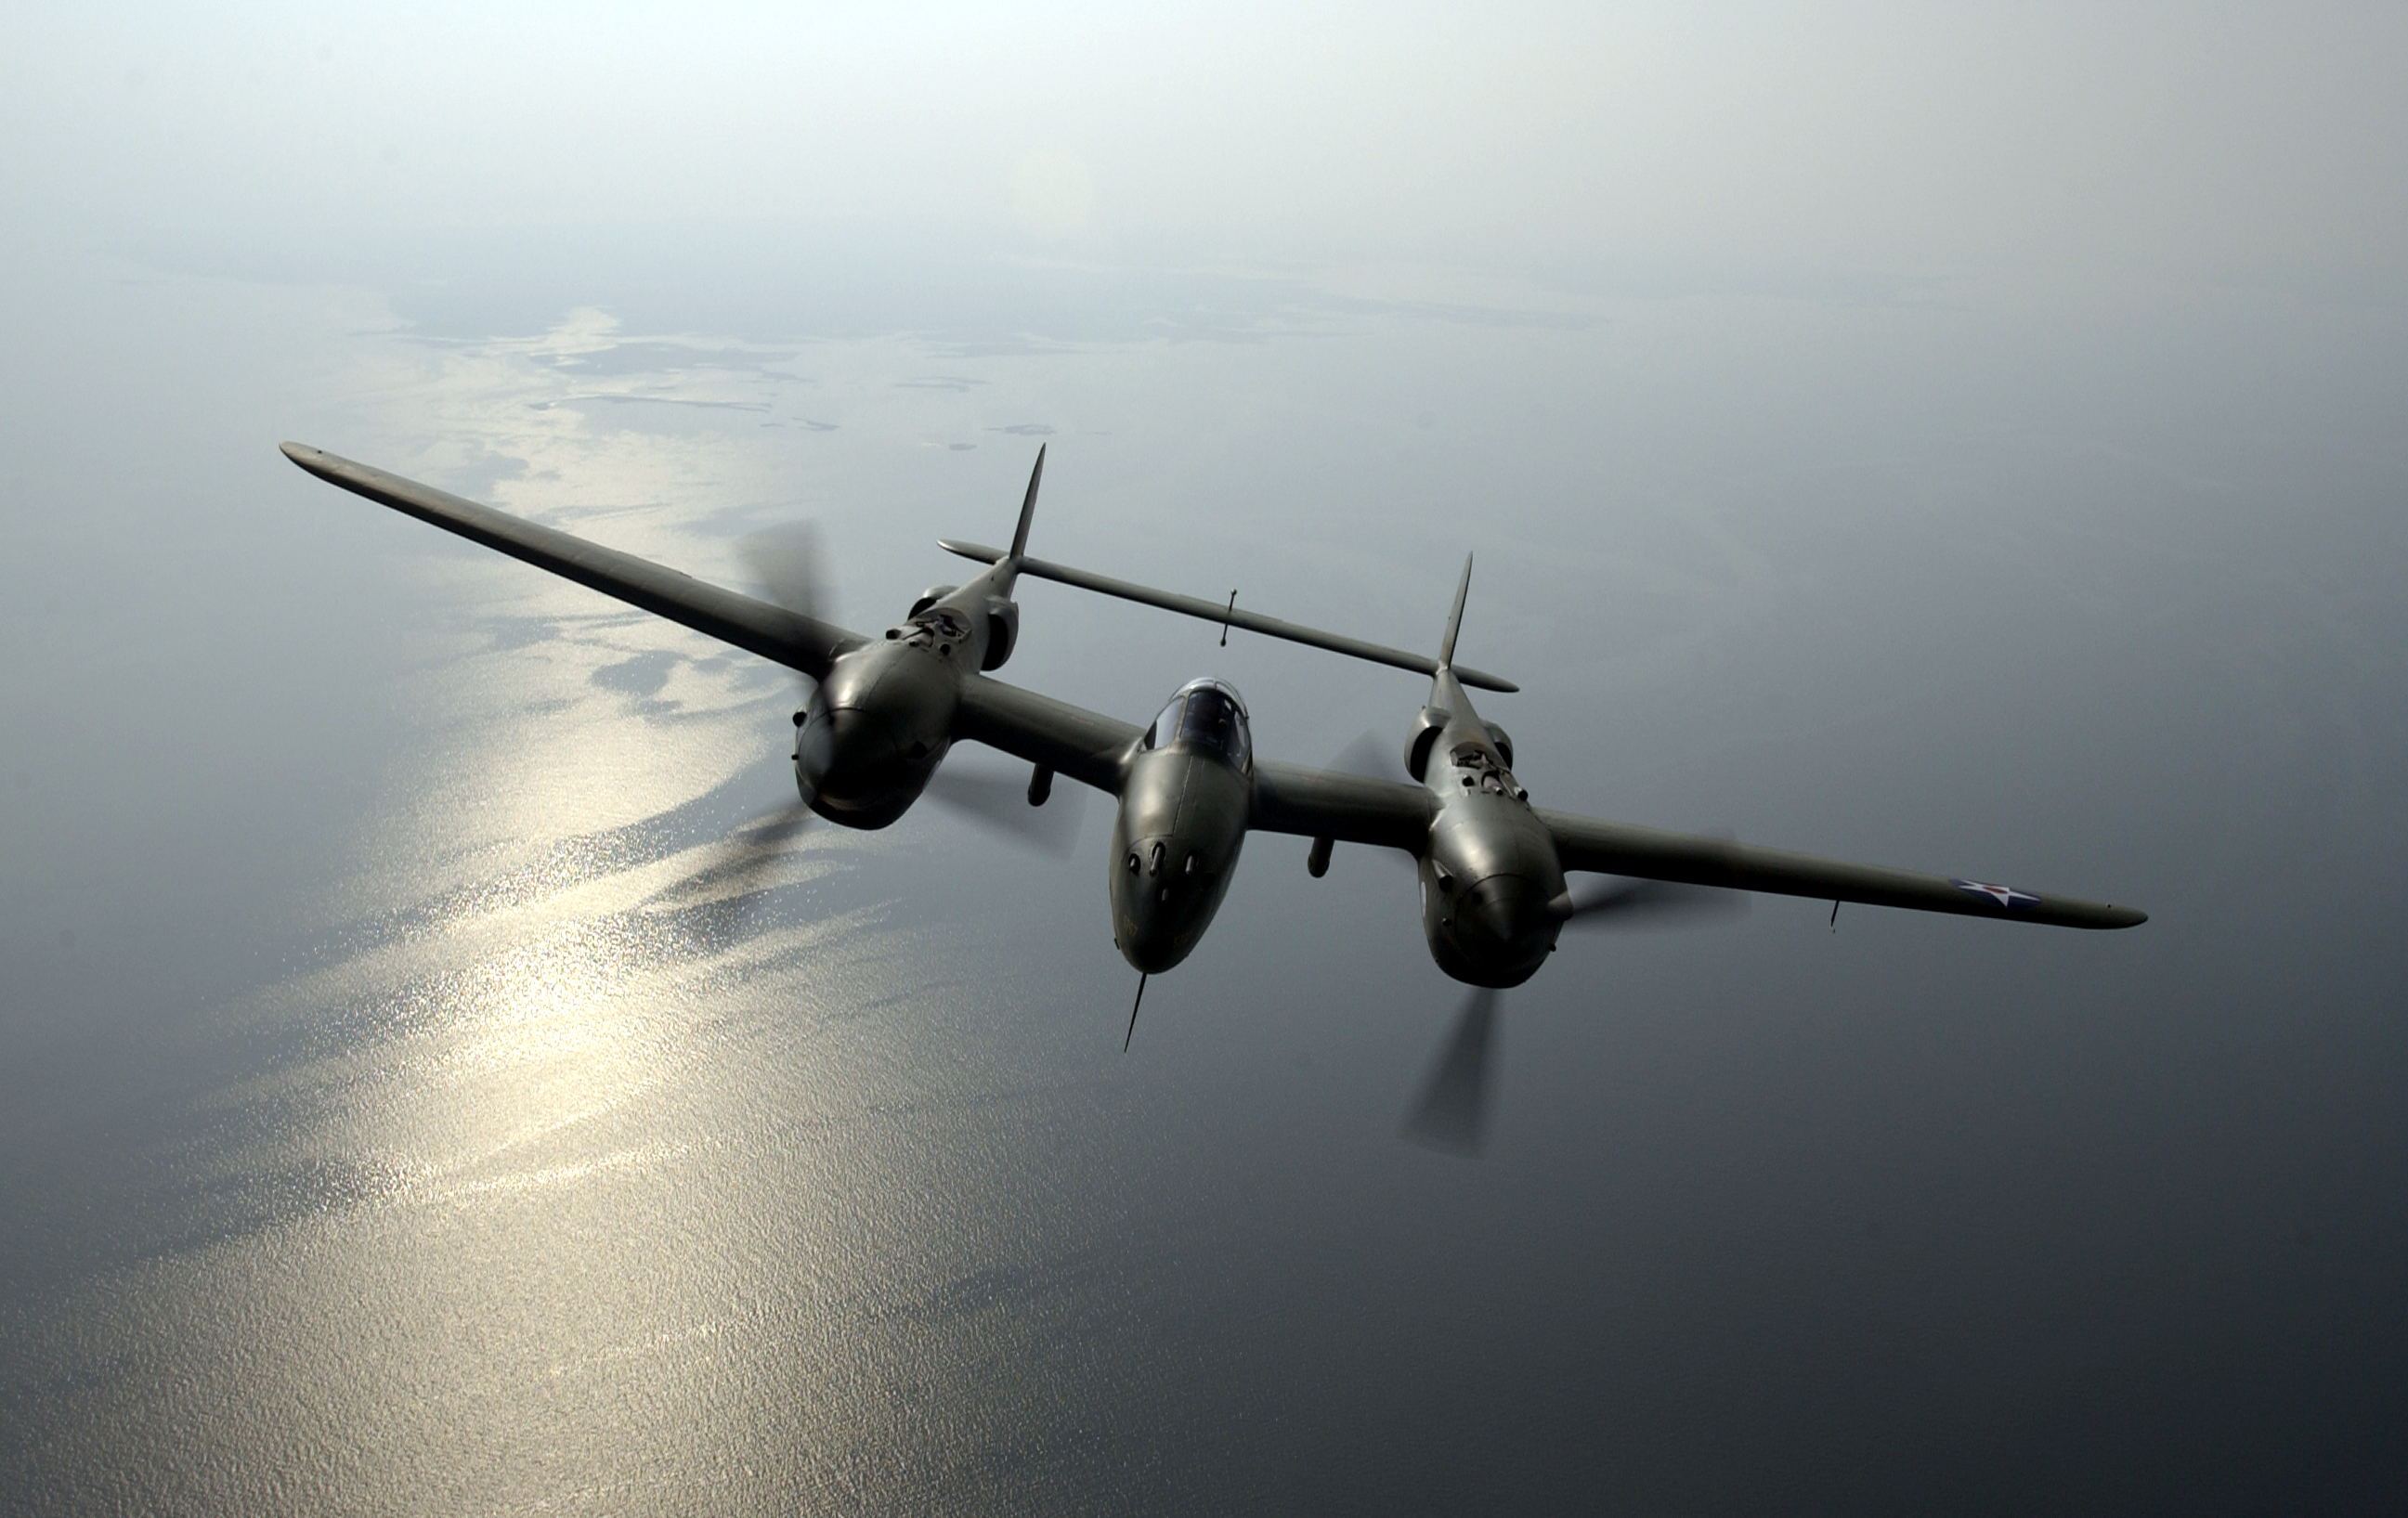 P 38 Lightning Wallpaper P-38 Lightning Full HD...